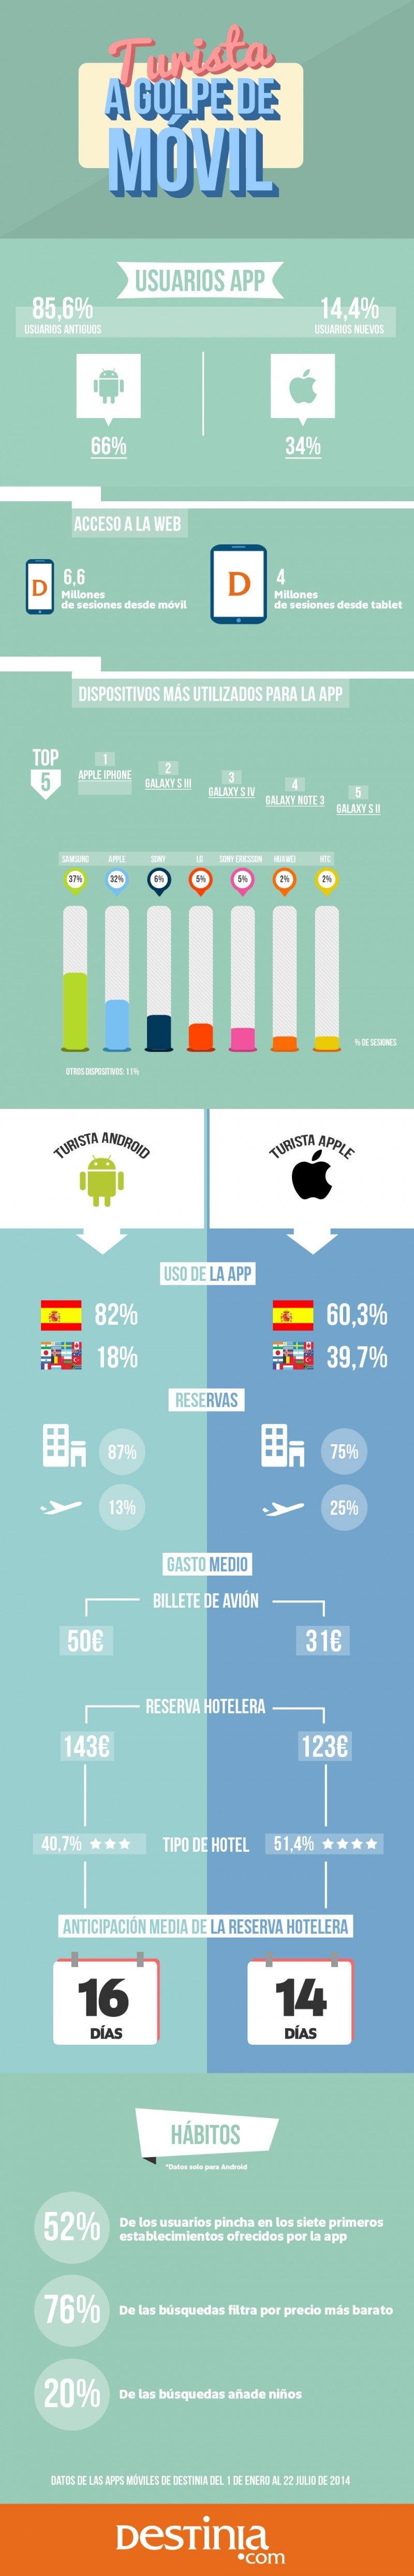 Infografía: Destinia. CLICK PARA AMPLIAR IMAGEN.